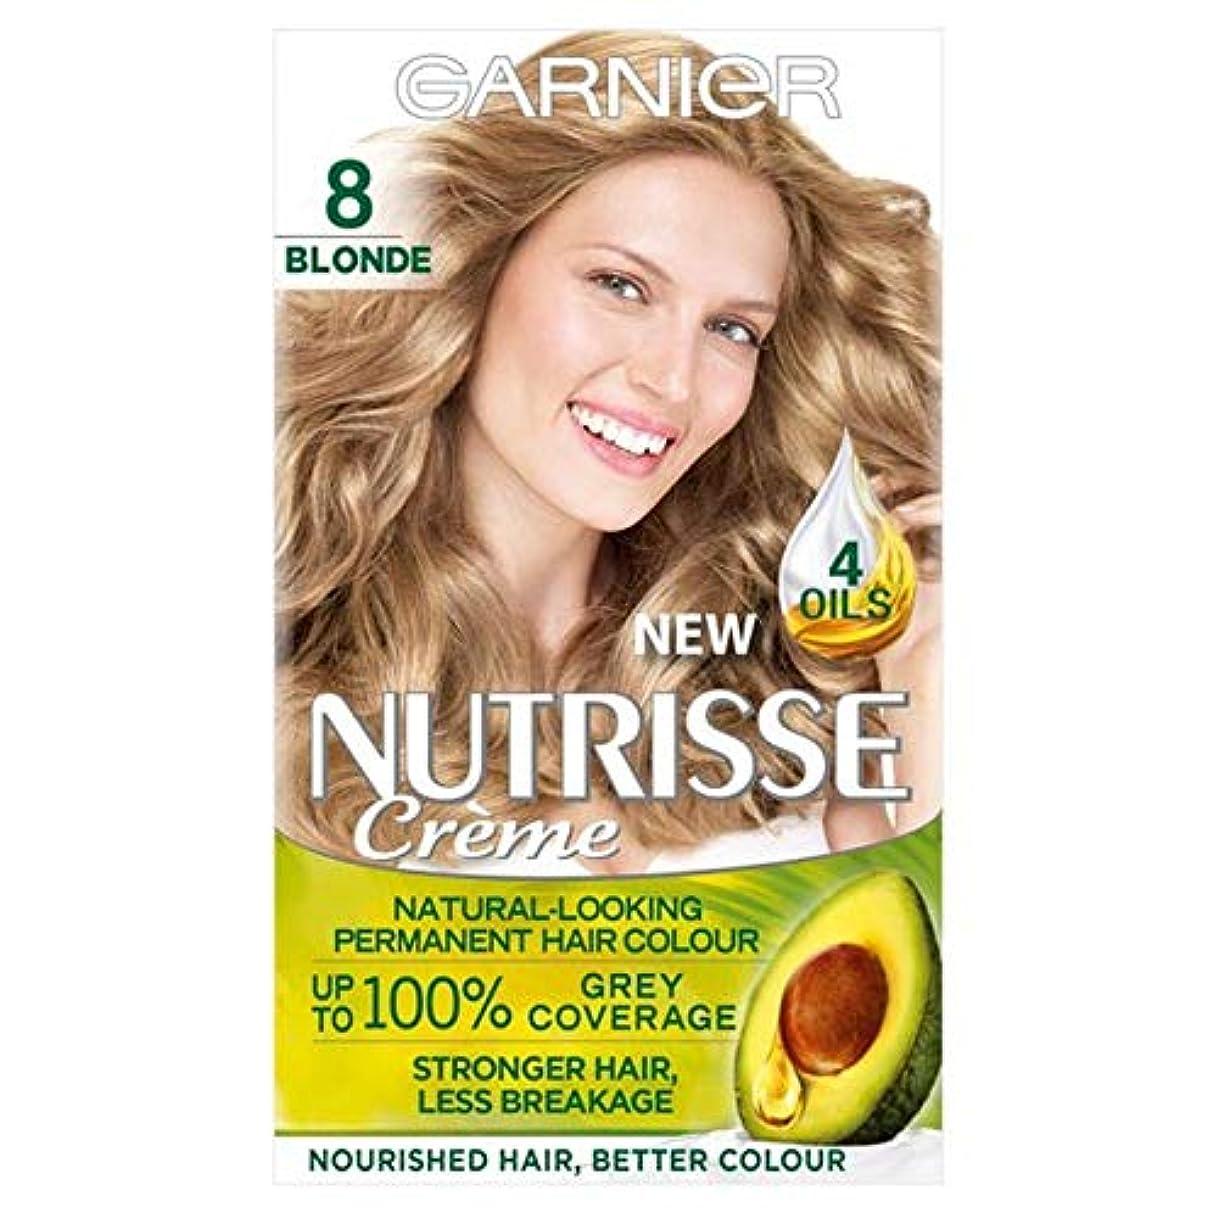 不健全製造業採用[Nutrisse] 8ブロンドの永久染毛剤Nutrisseガルニエ - Garnier Nutrisse 8 Blonde Permanent Hair Dye [並行輸入品]